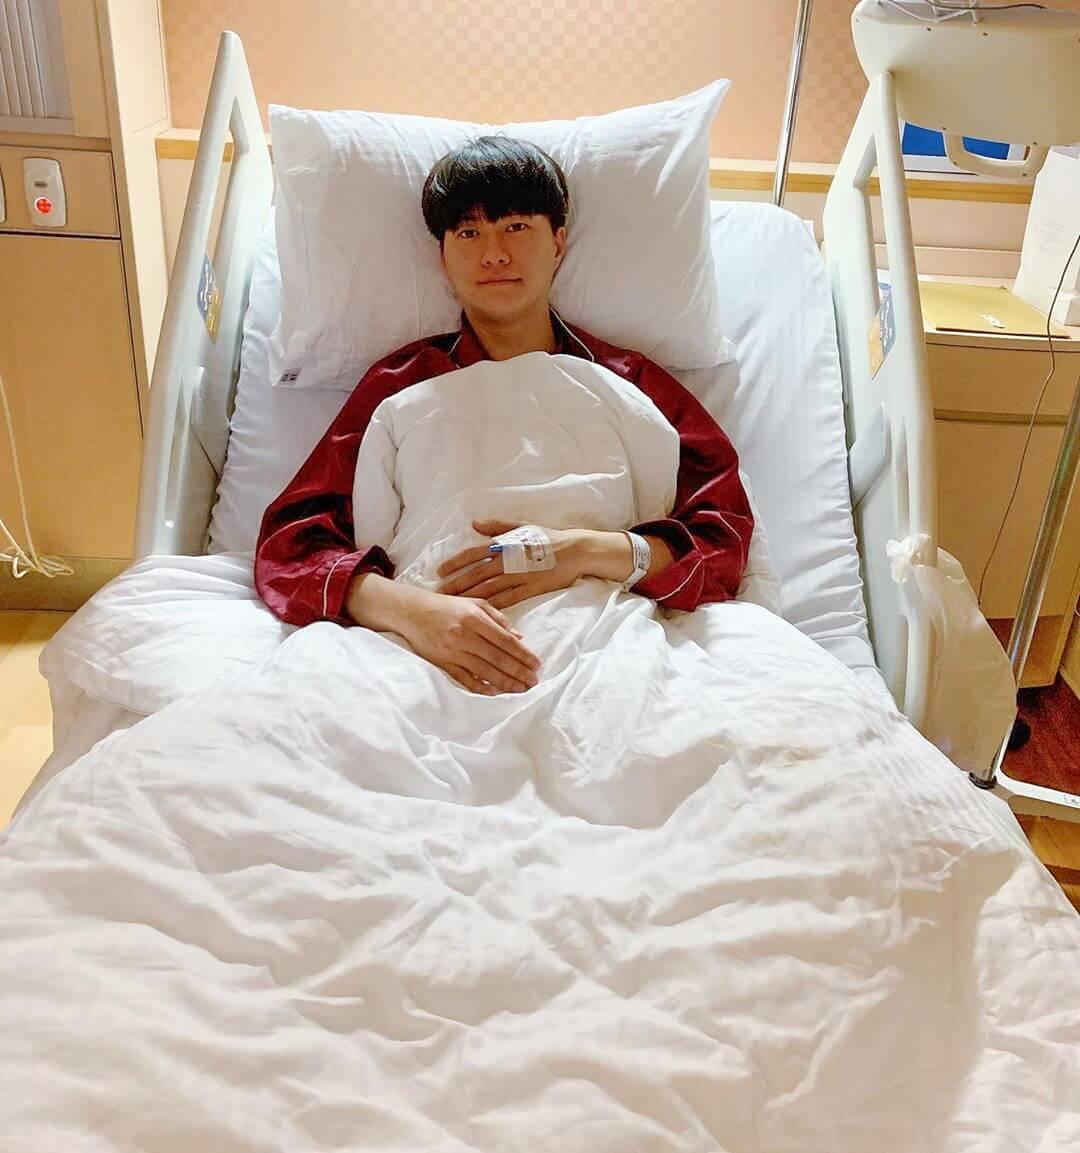 吊威也意外發生後,Hubert由公立醫院轉到私家醫院。